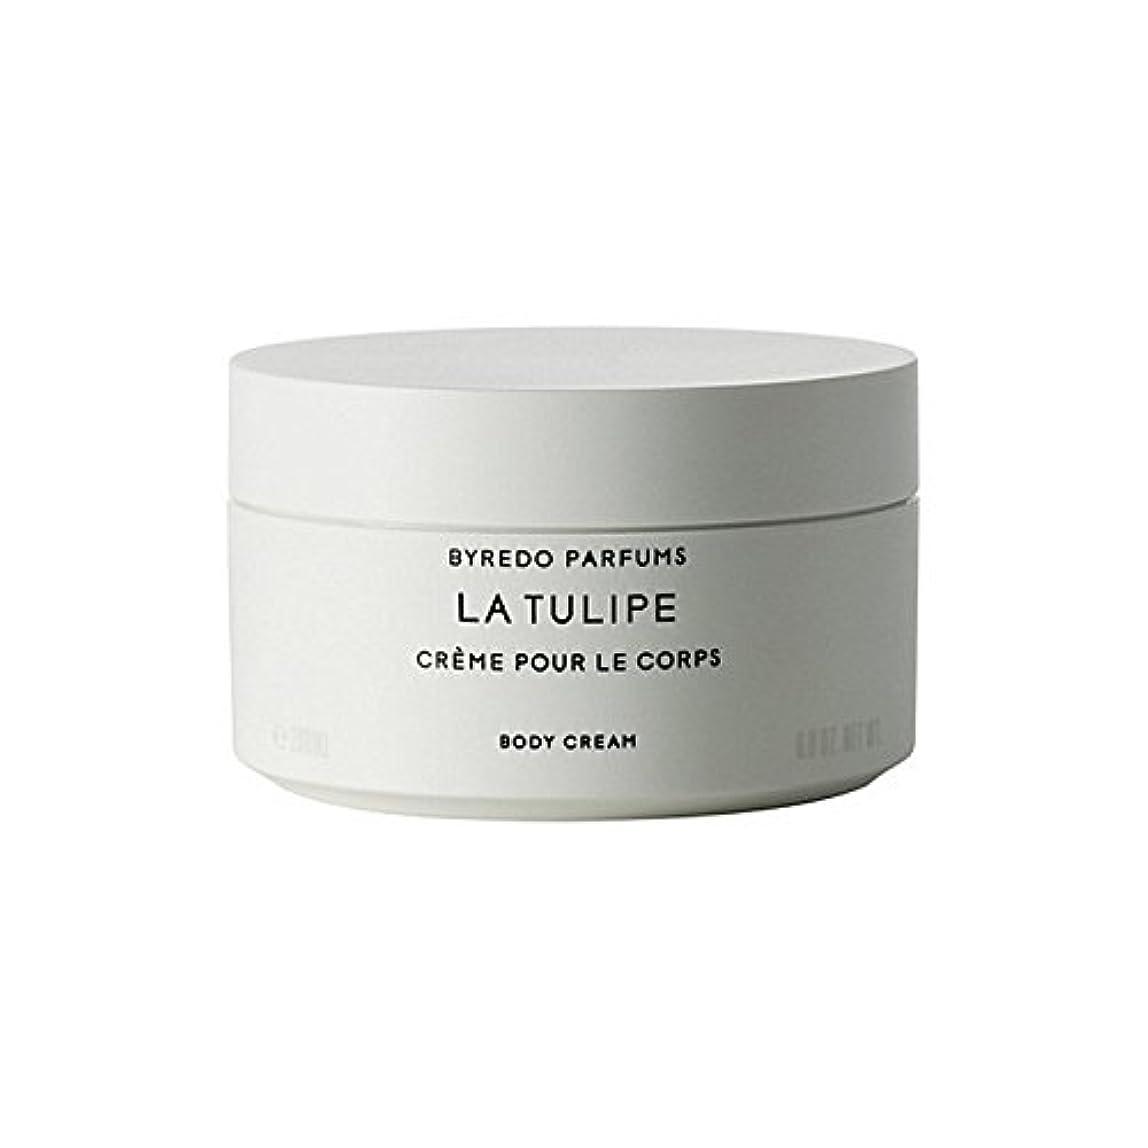 オーク故意に扱いやすいByredo La Tulipe Body Cream 200ml - ラチューリップボディクリーム200ミリリットル [並行輸入品]